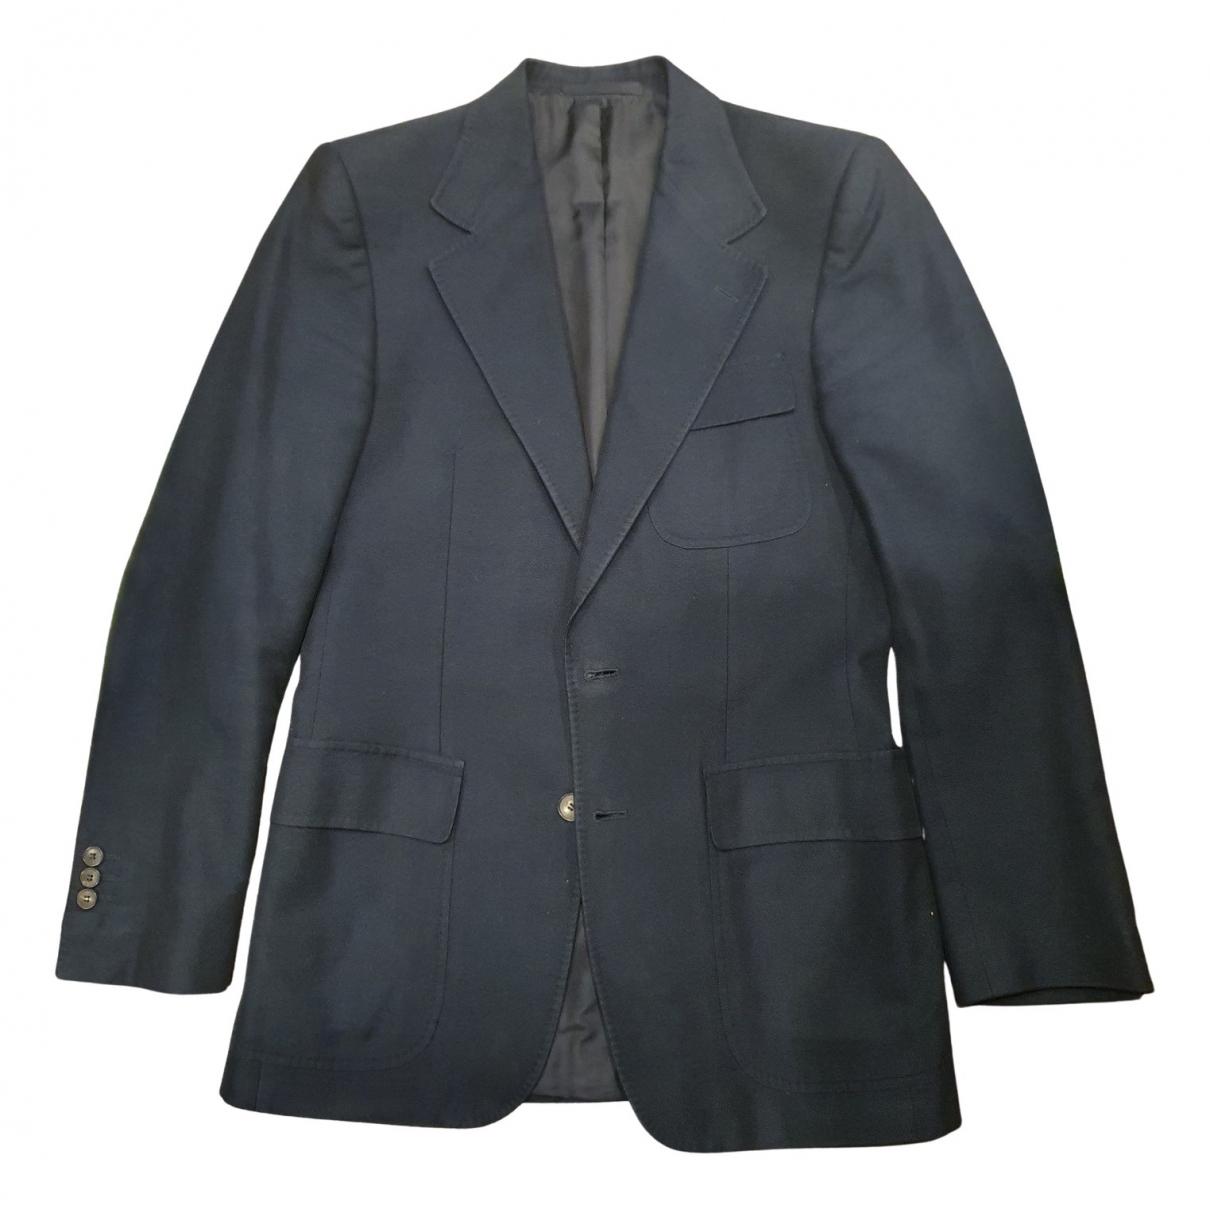 Yves Saint Laurent - Vestes.Blousons   pour homme en coton - bleu